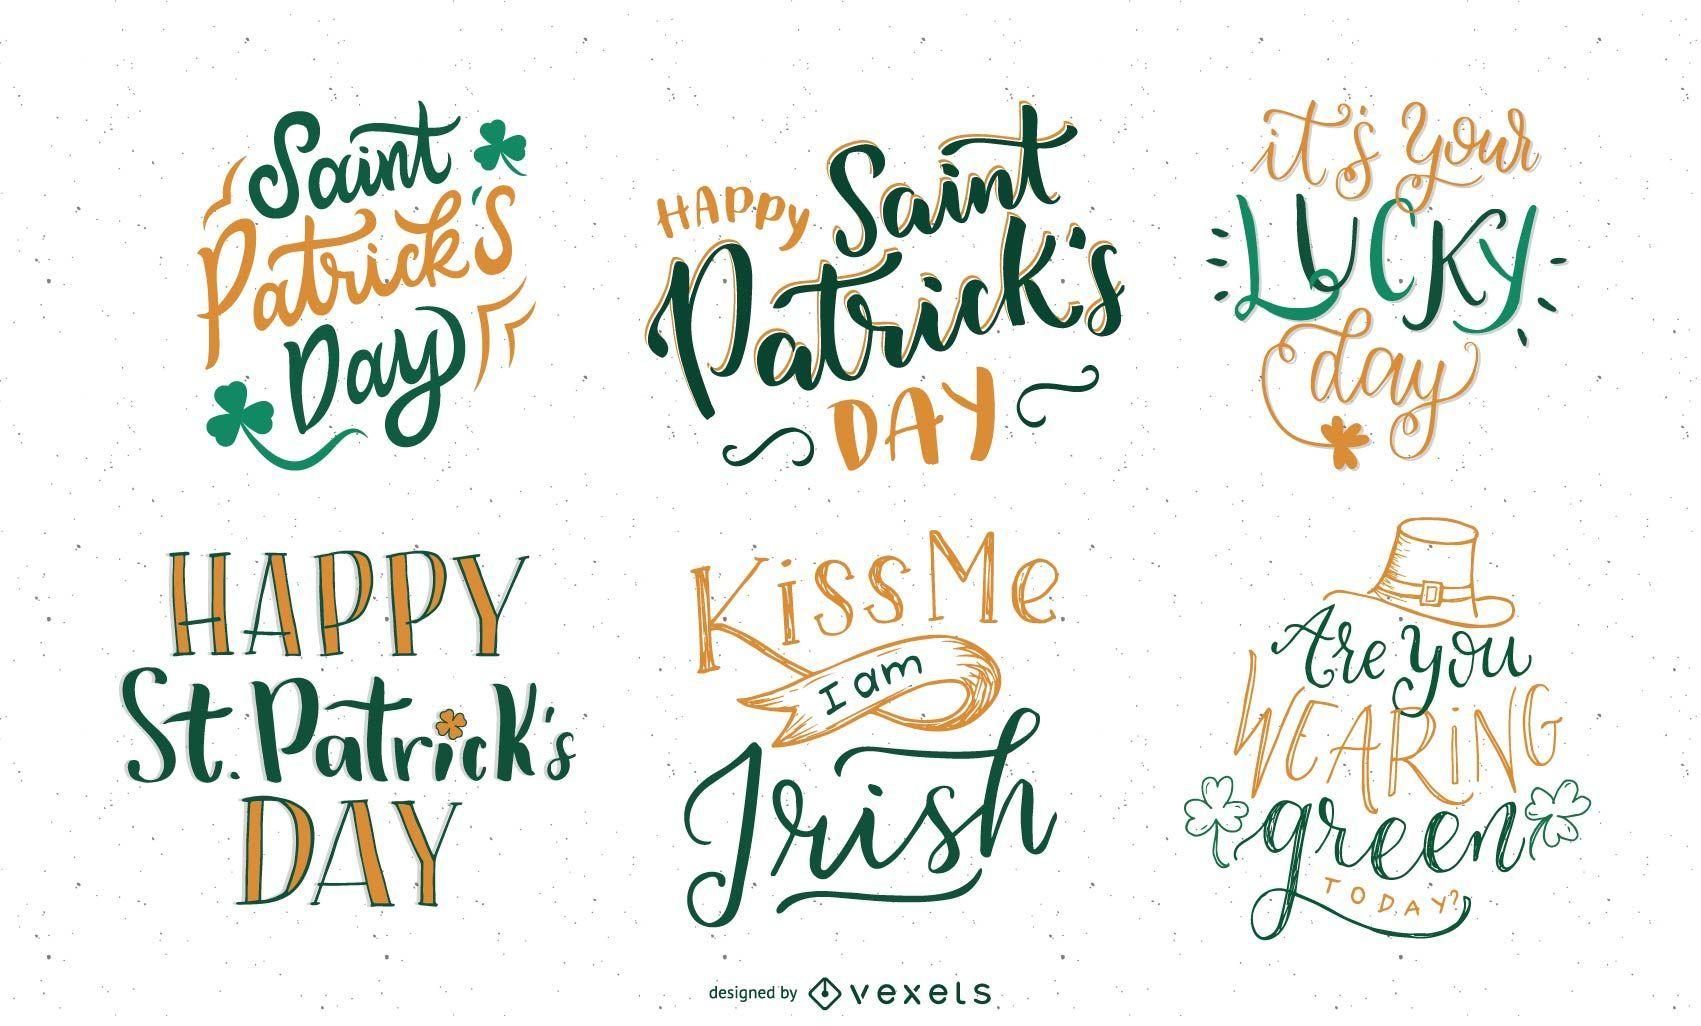 Saint Patrick's Day lettering set